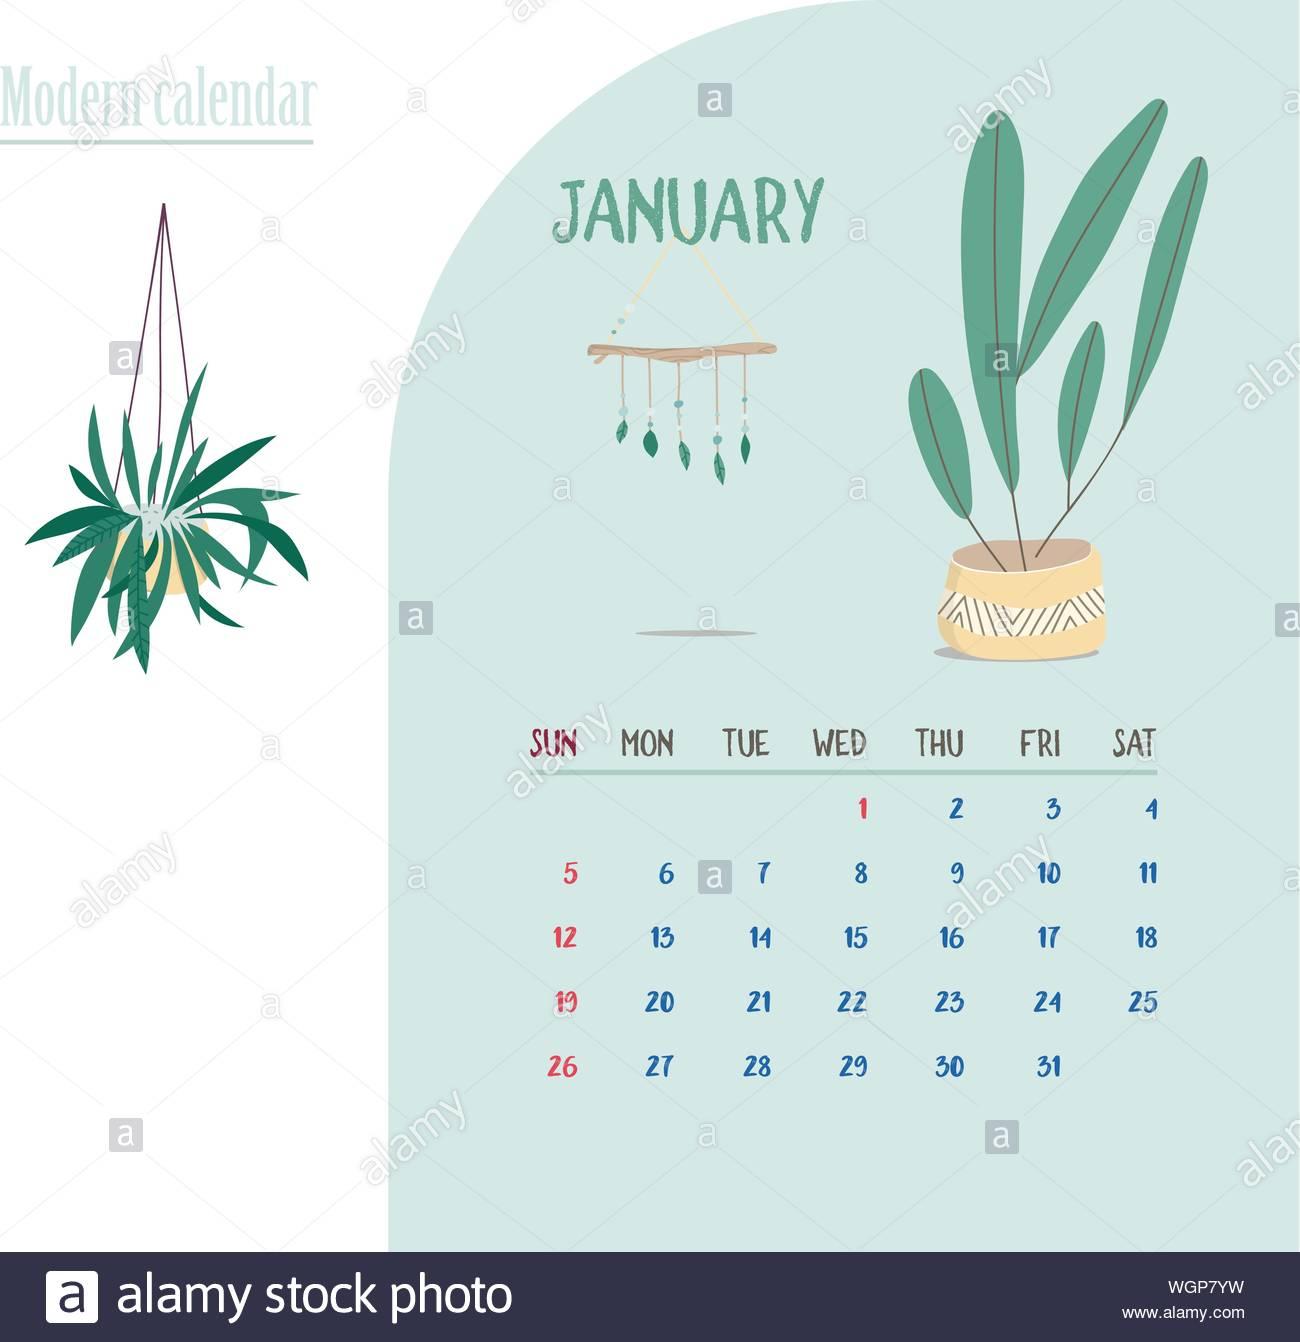 Printable Garden Calendar 2020